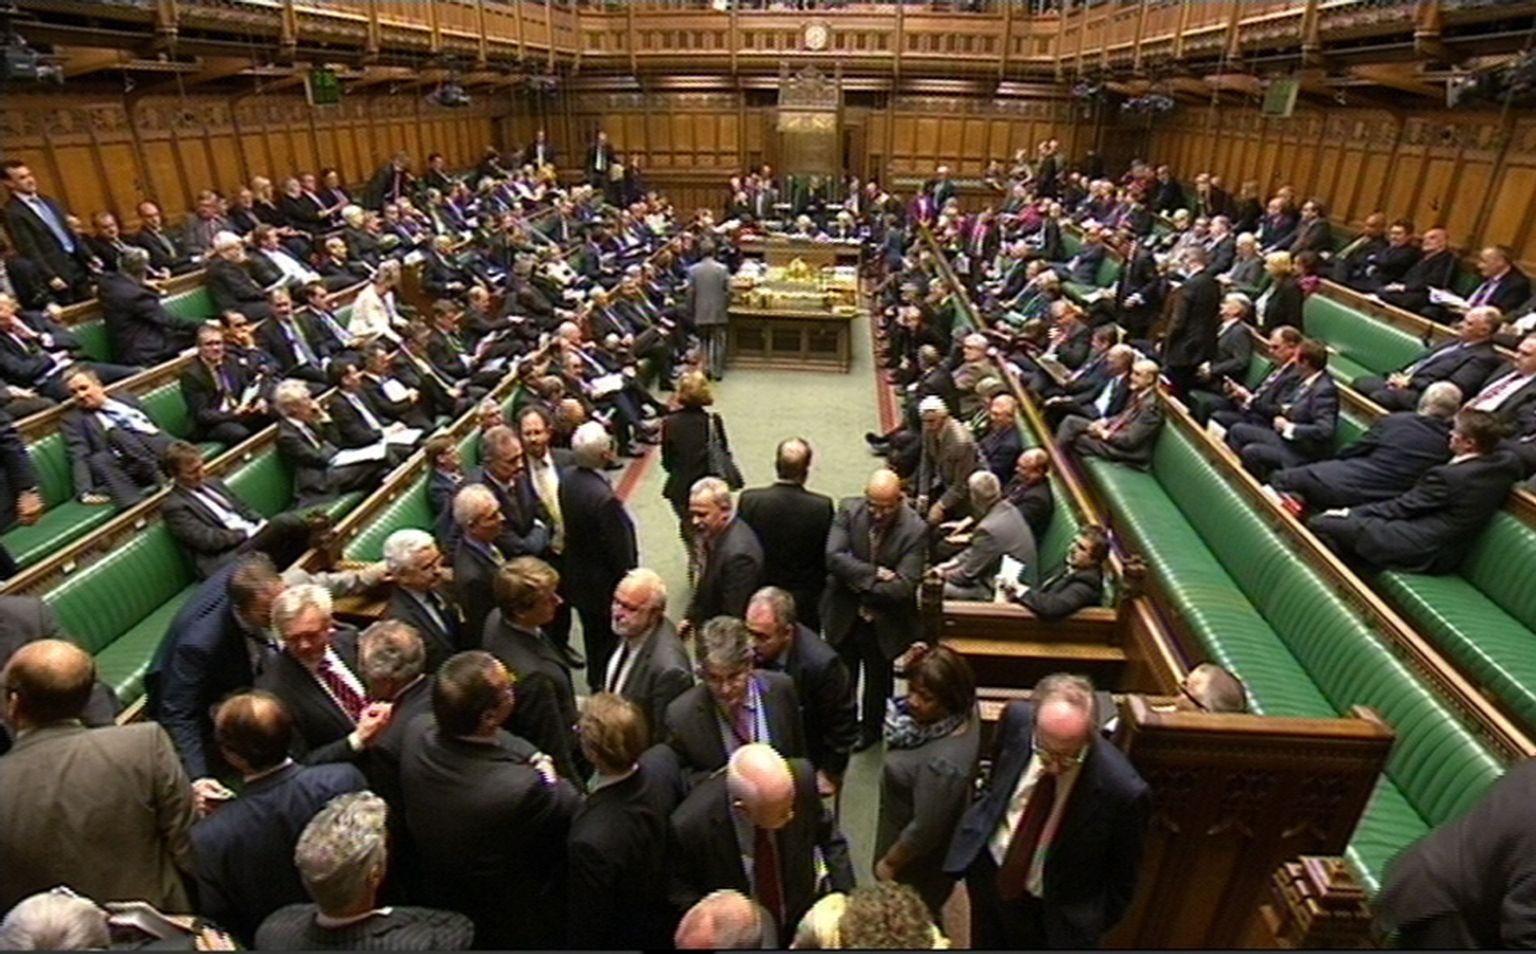 ميدل إيست آي: مجموعة برلمانية بريطانية لمراقبة حقوق الإنسان بالإمارات